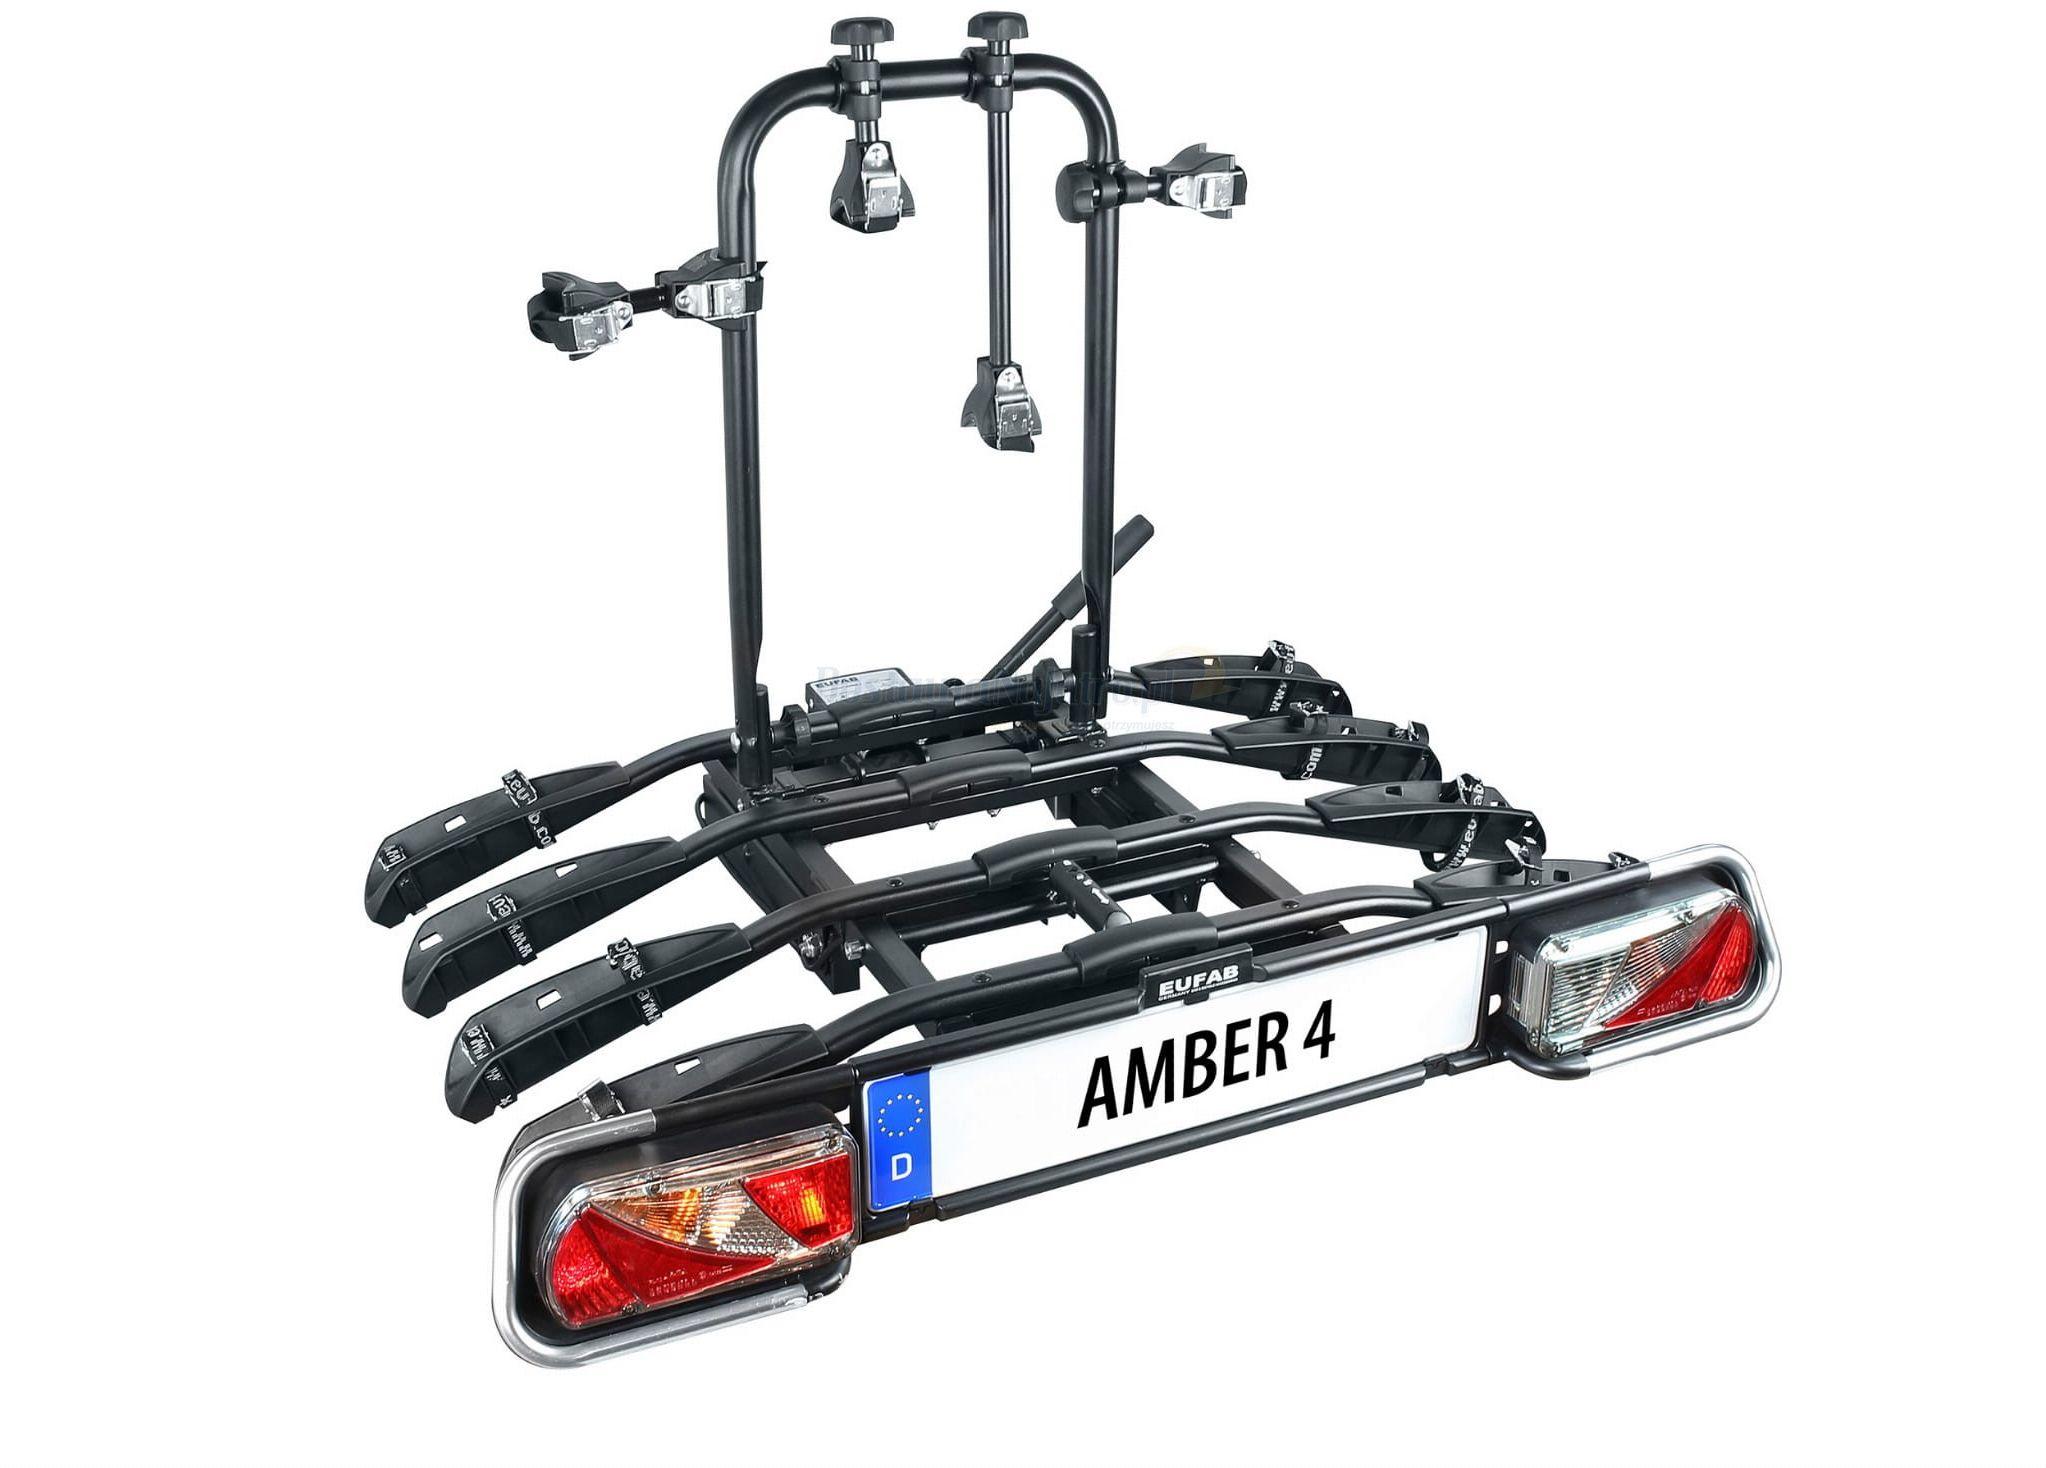 Bagażnik na rowery EUFAB AMBER 4 uchwyt na hak